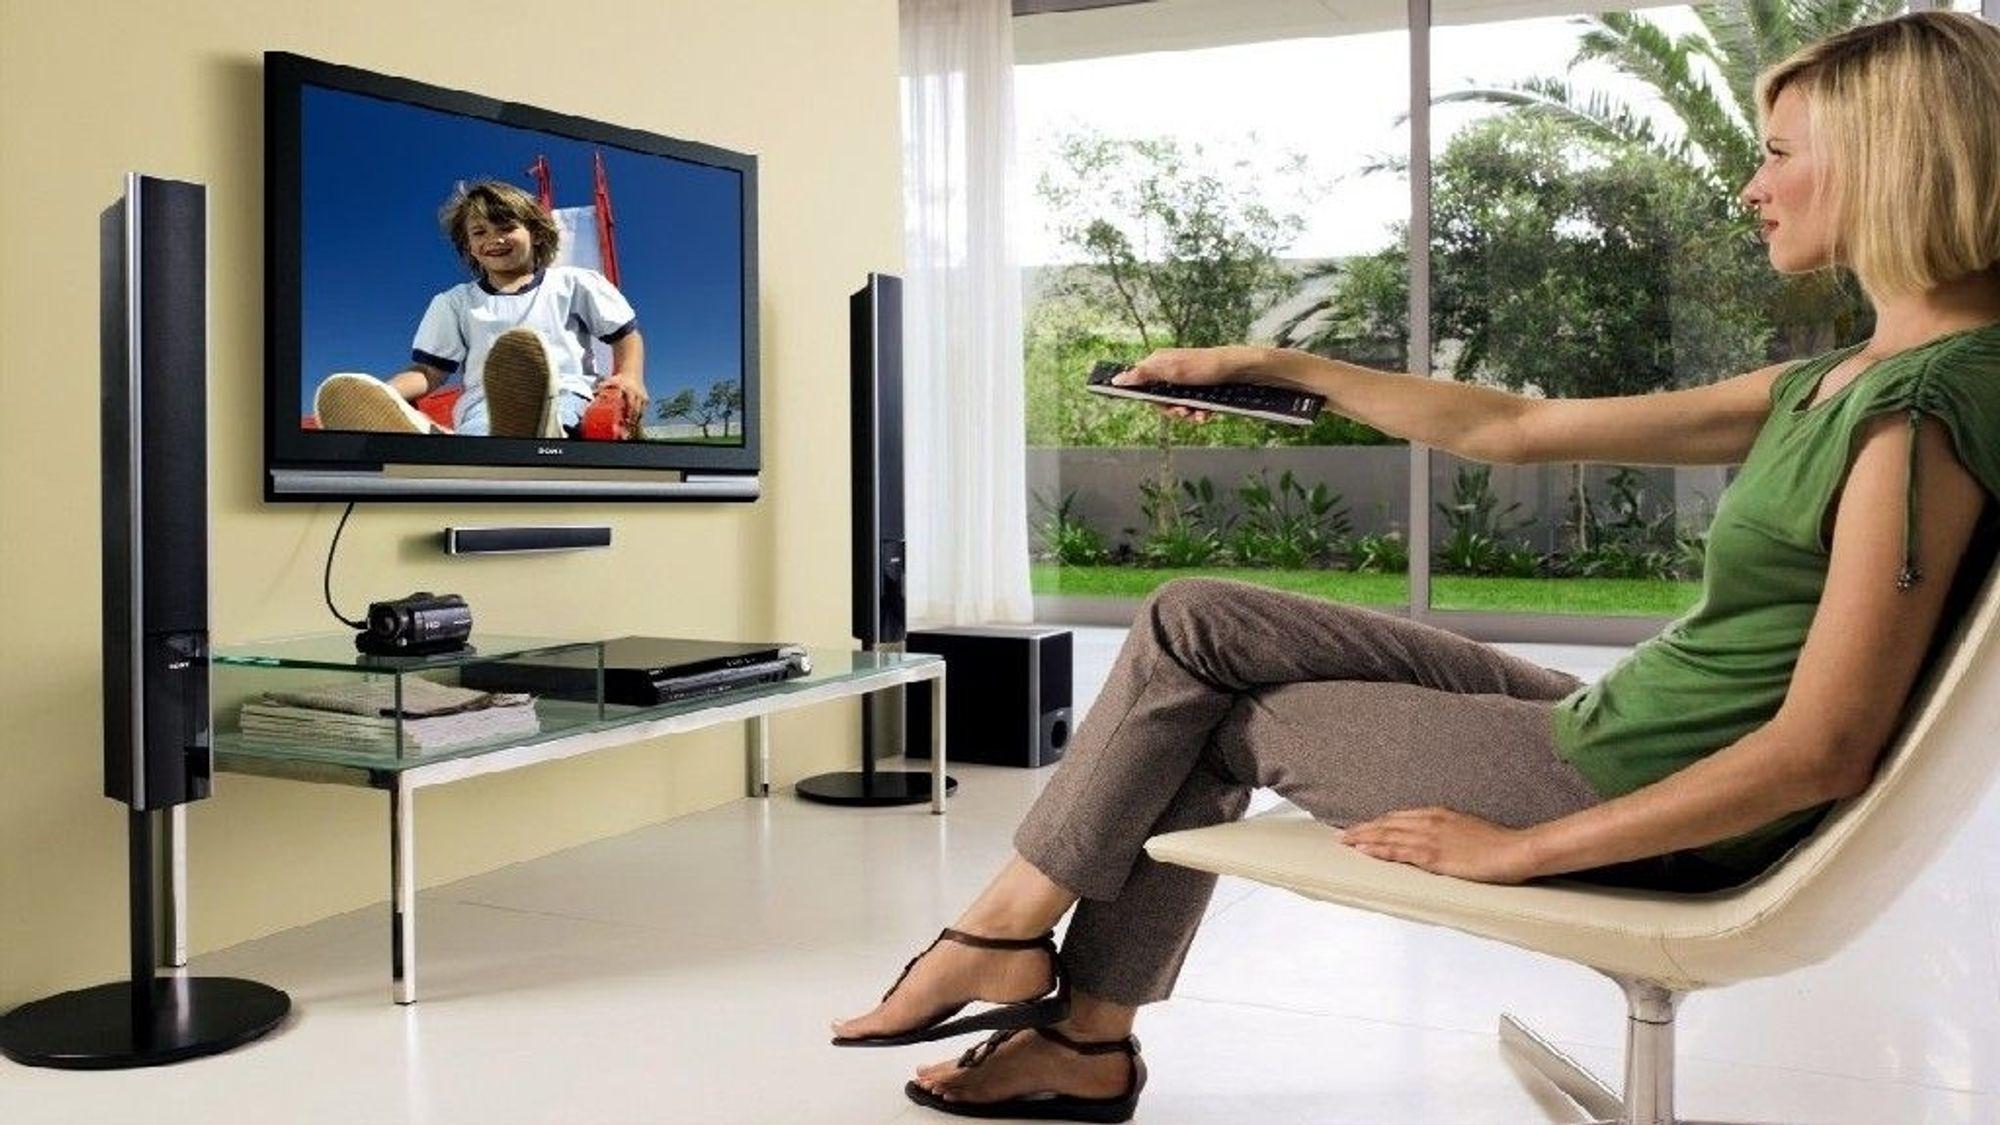 Les HD med Canal Digital parabol